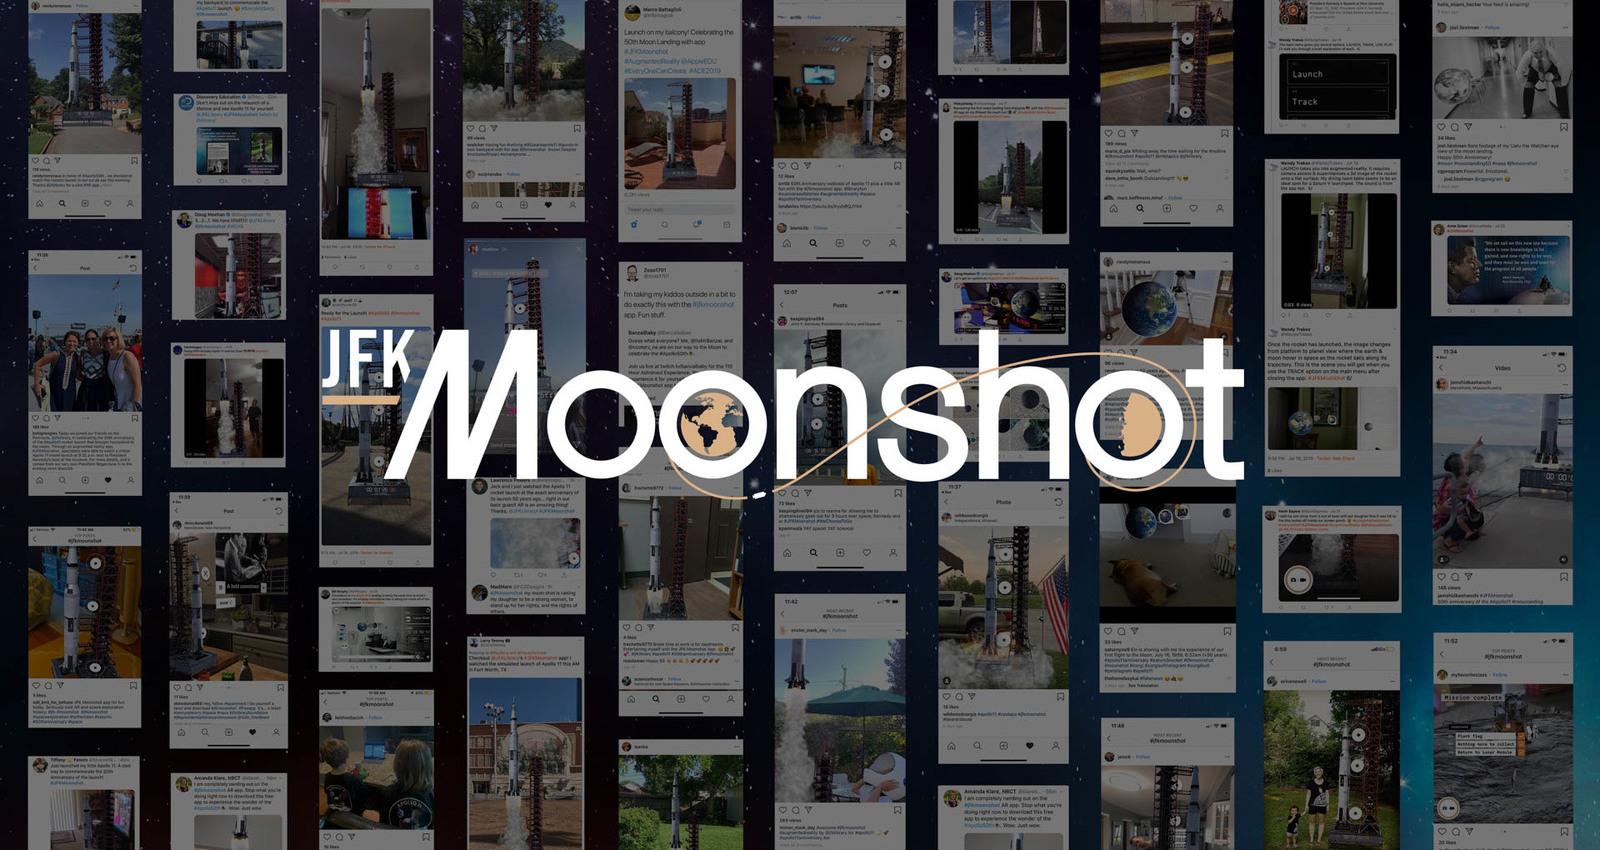 JFK Moonshot